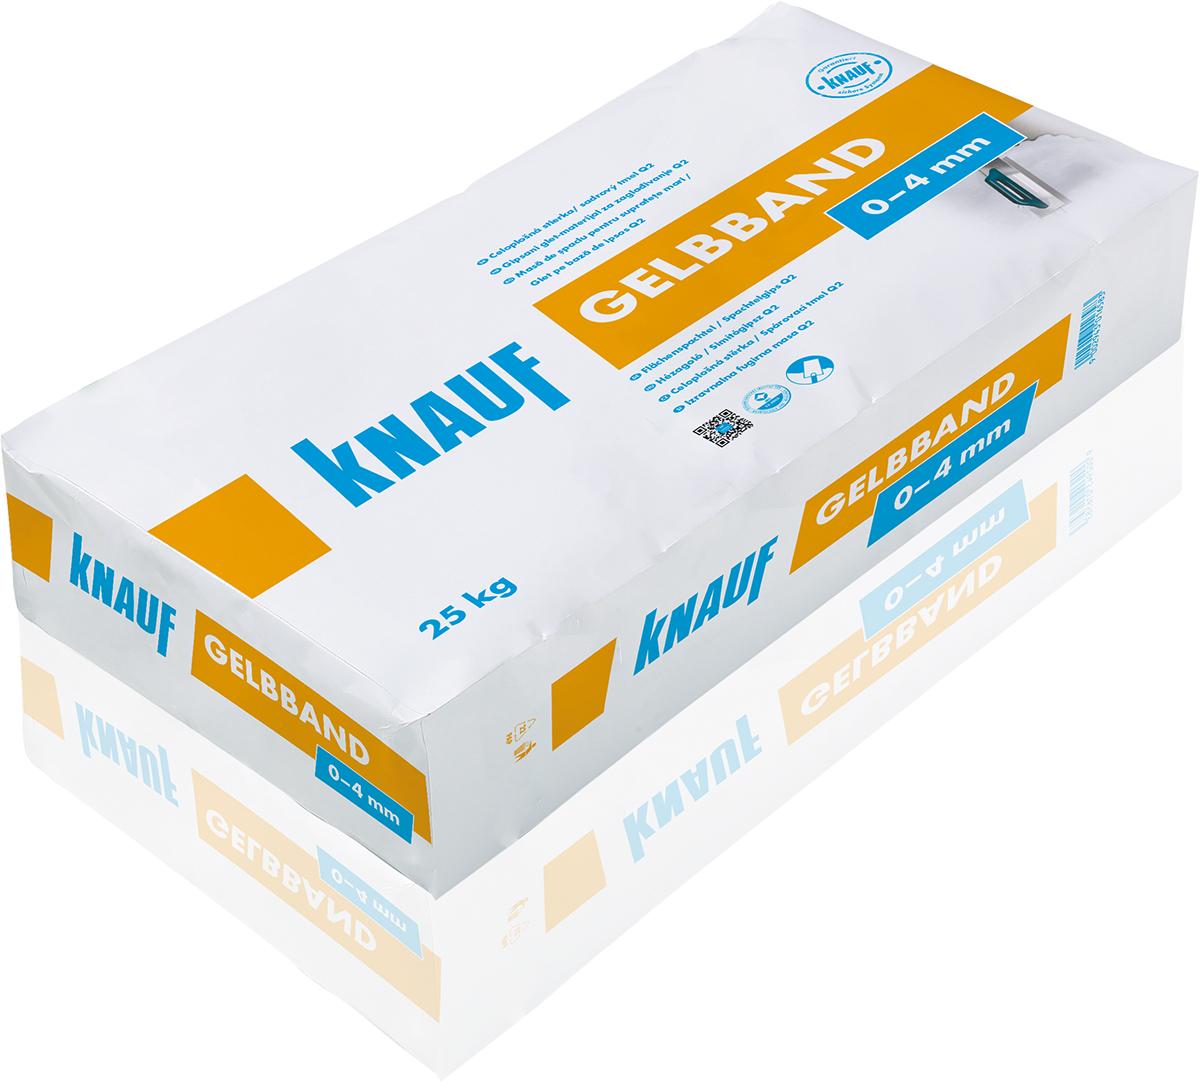 knauf - gelbband flächenspachtel / spachtelgips